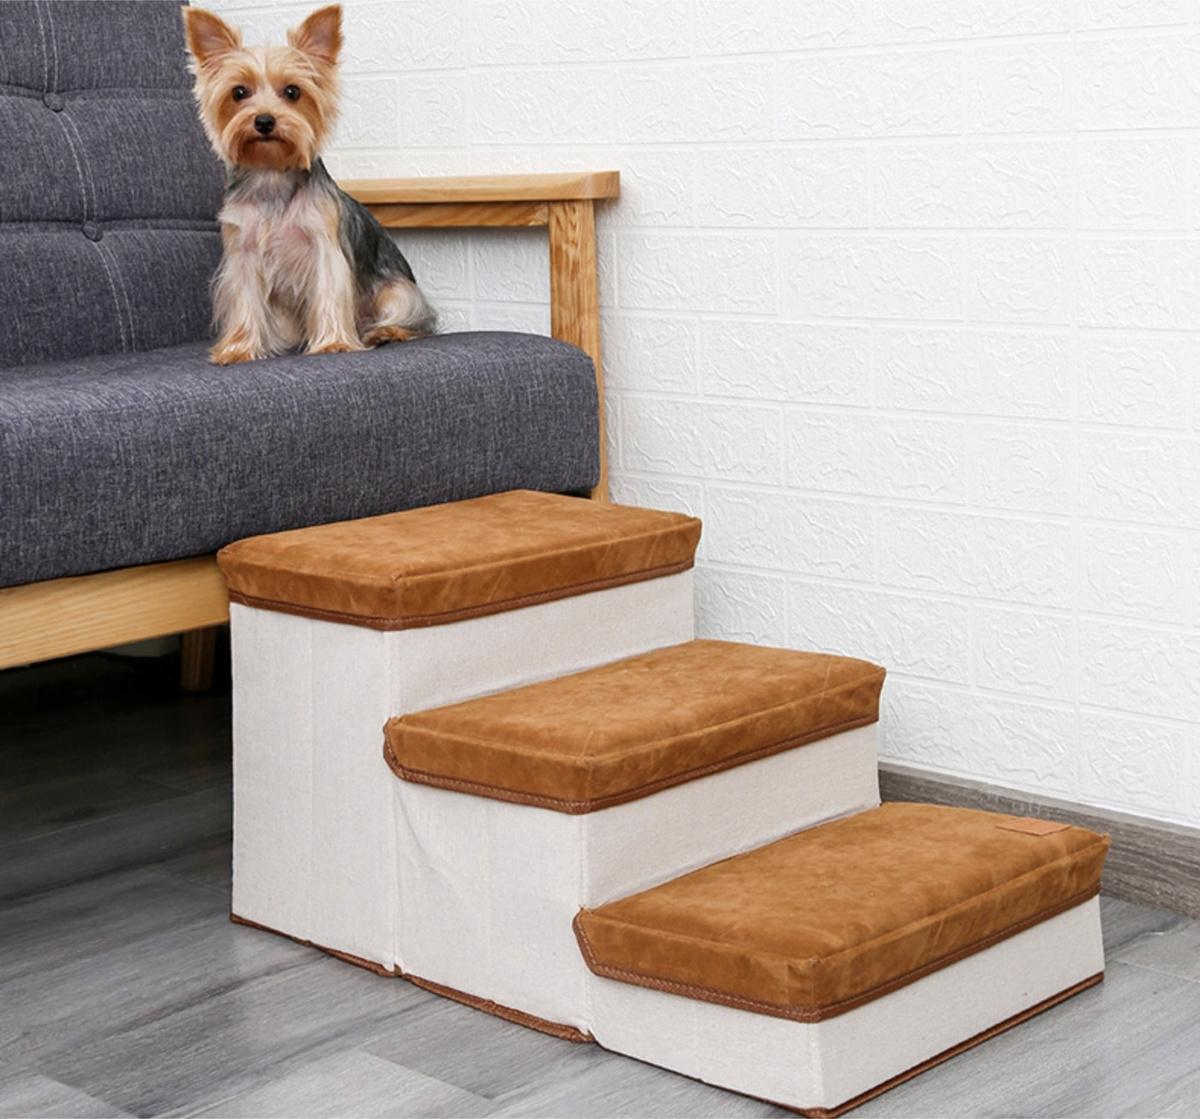 Лестница для собак прикроватная, складываемая, с отсеками для хранения  #1